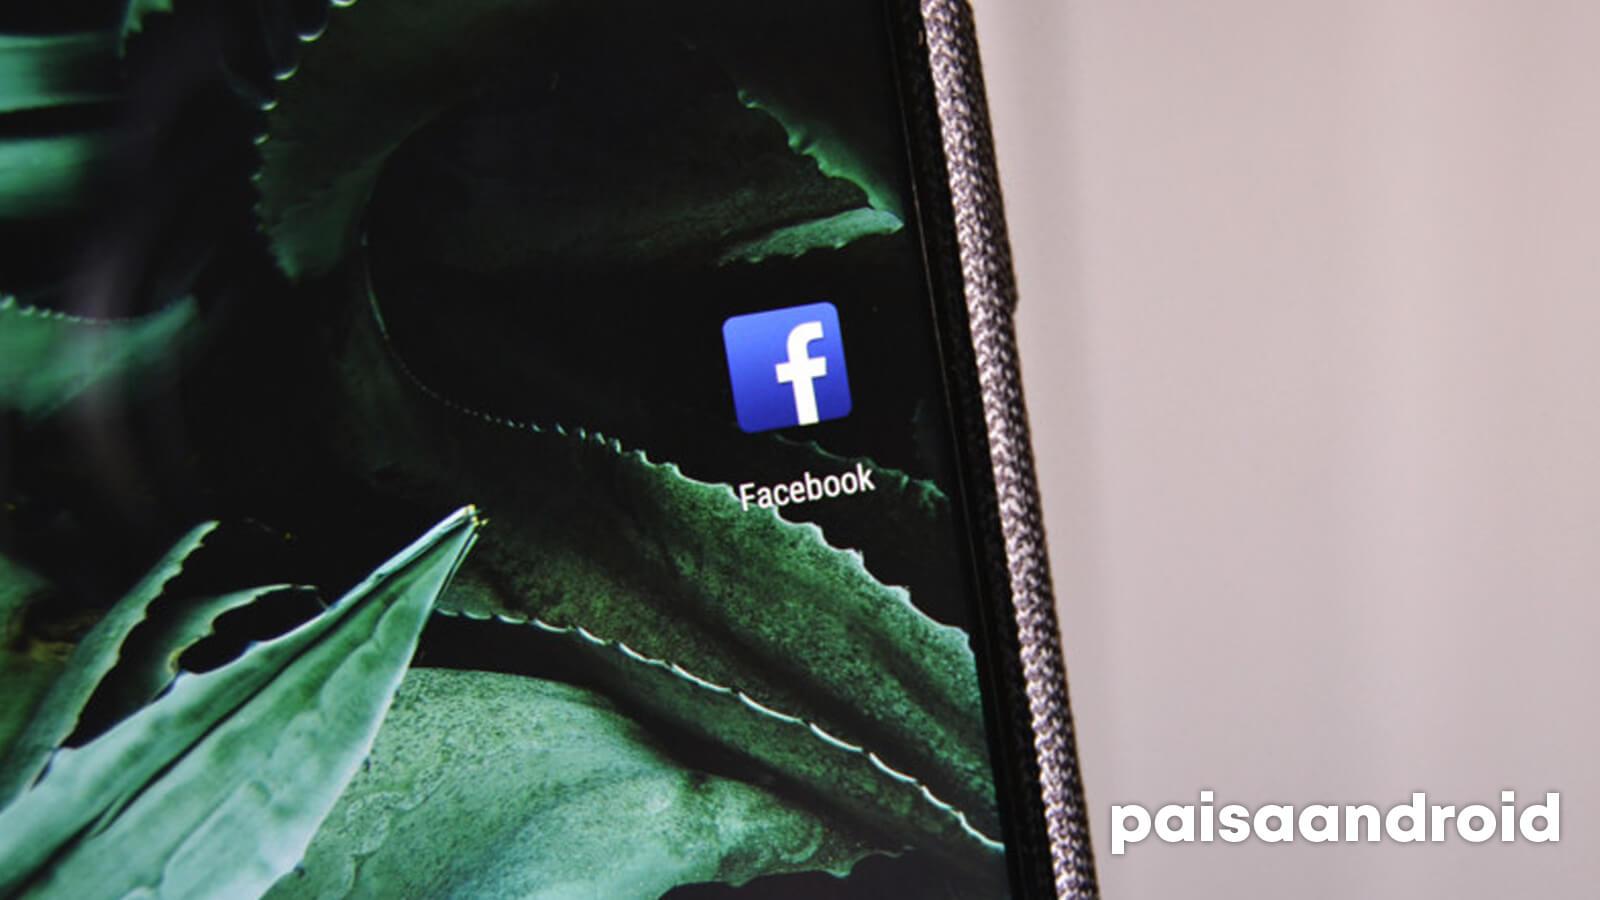 mejores aplicaciones de facebook para android